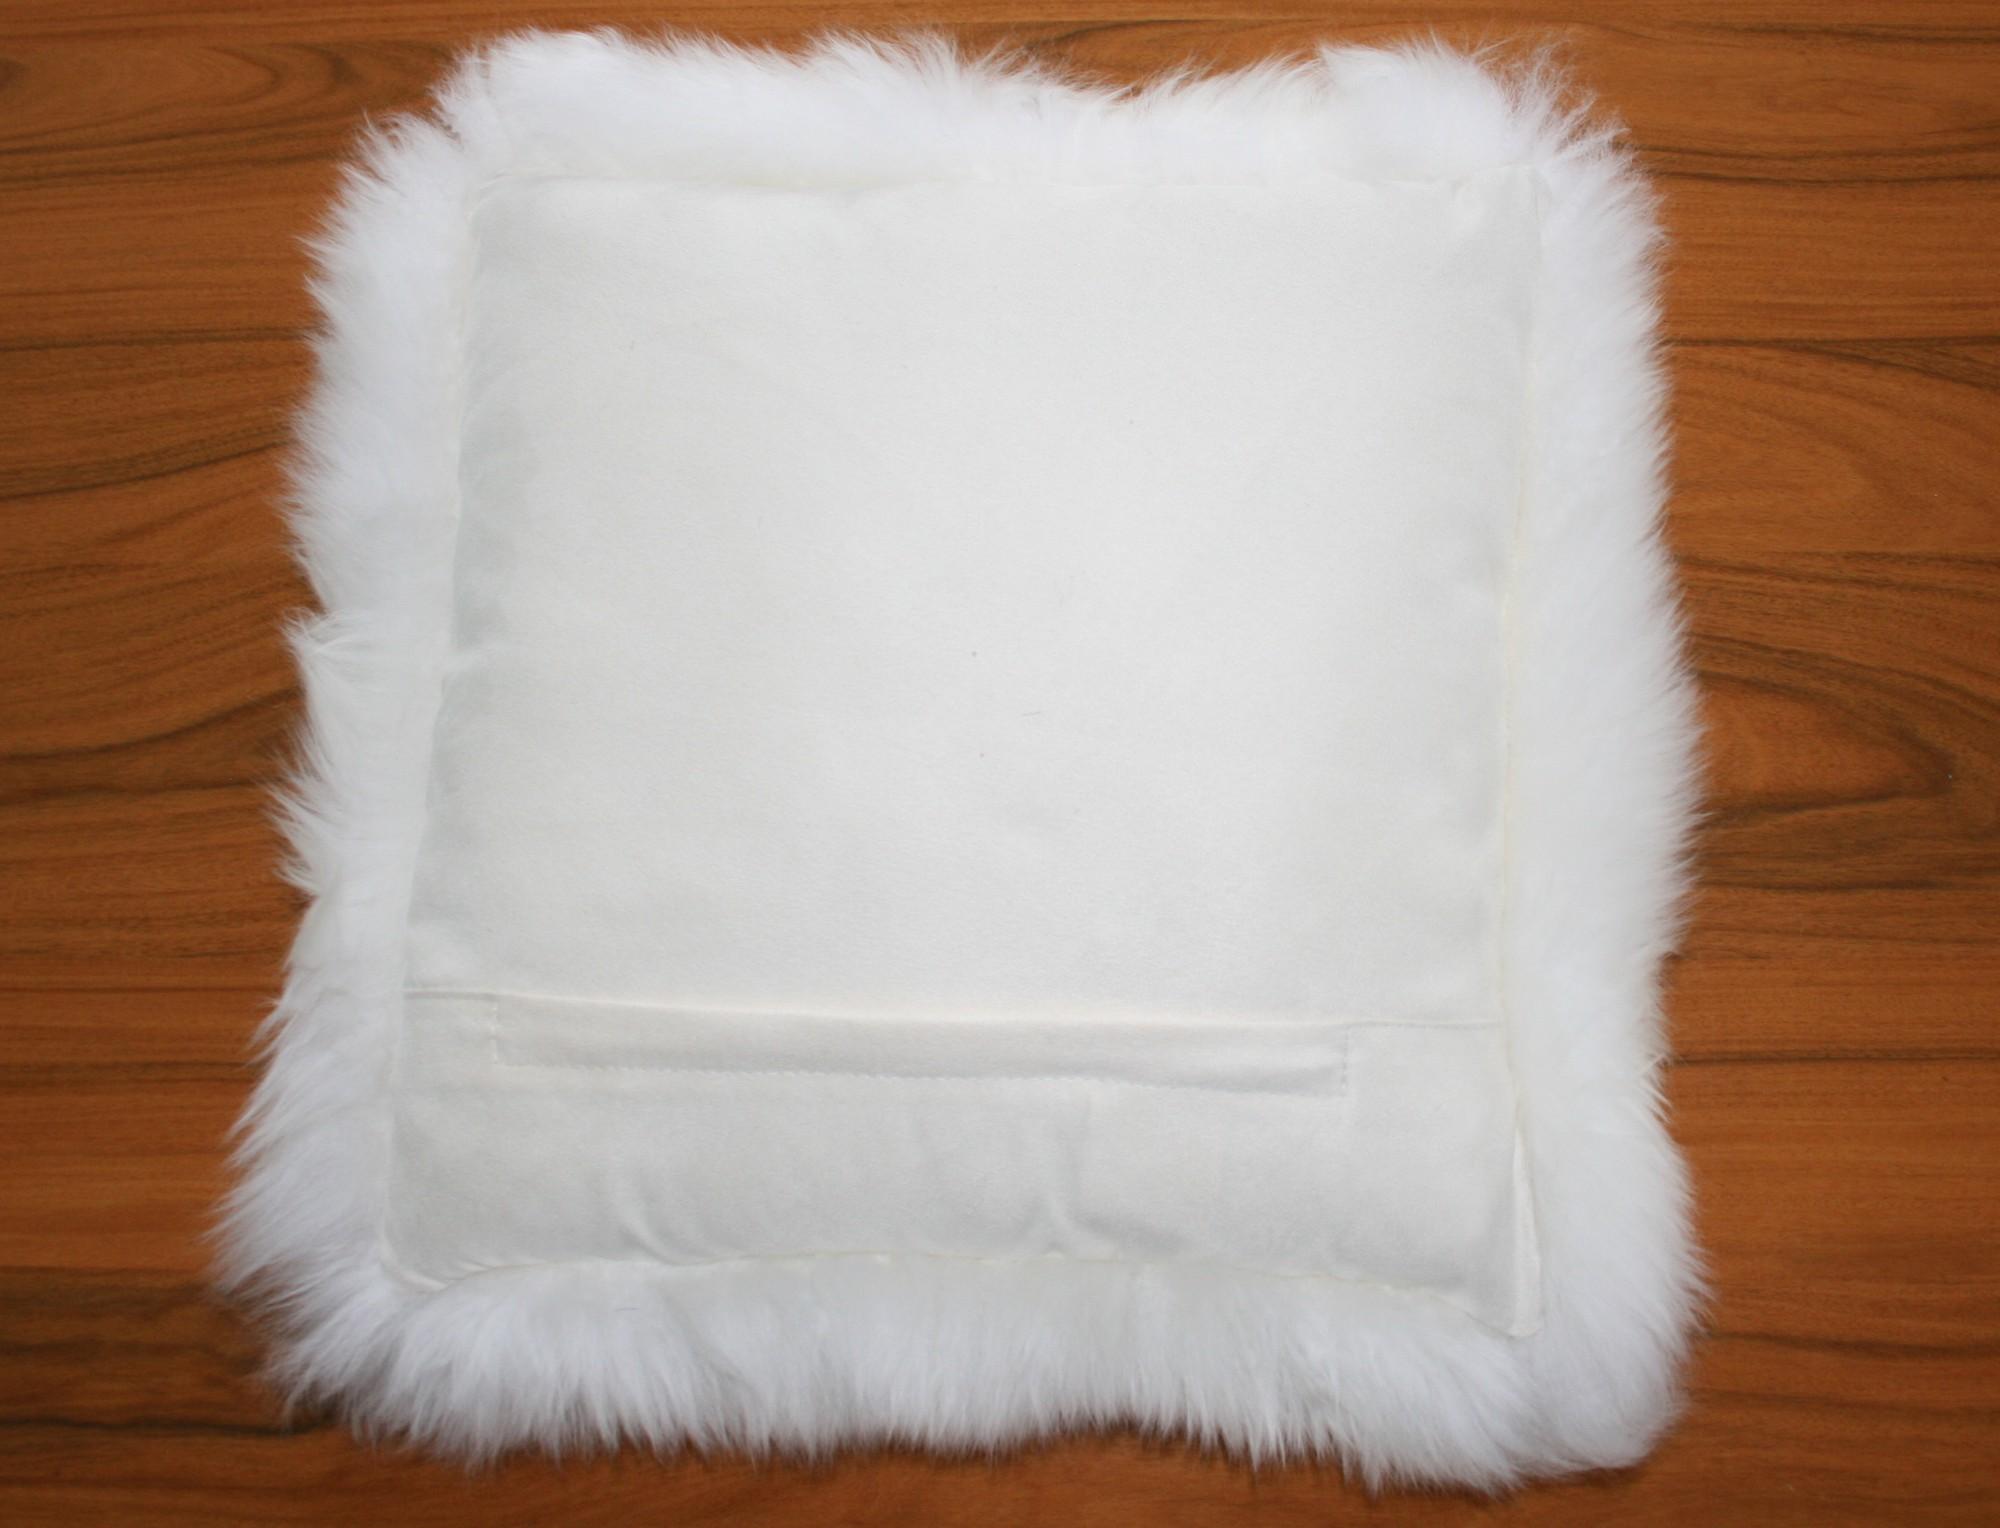 coussin en peau de mouton blanc simple face. Black Bedroom Furniture Sets. Home Design Ideas